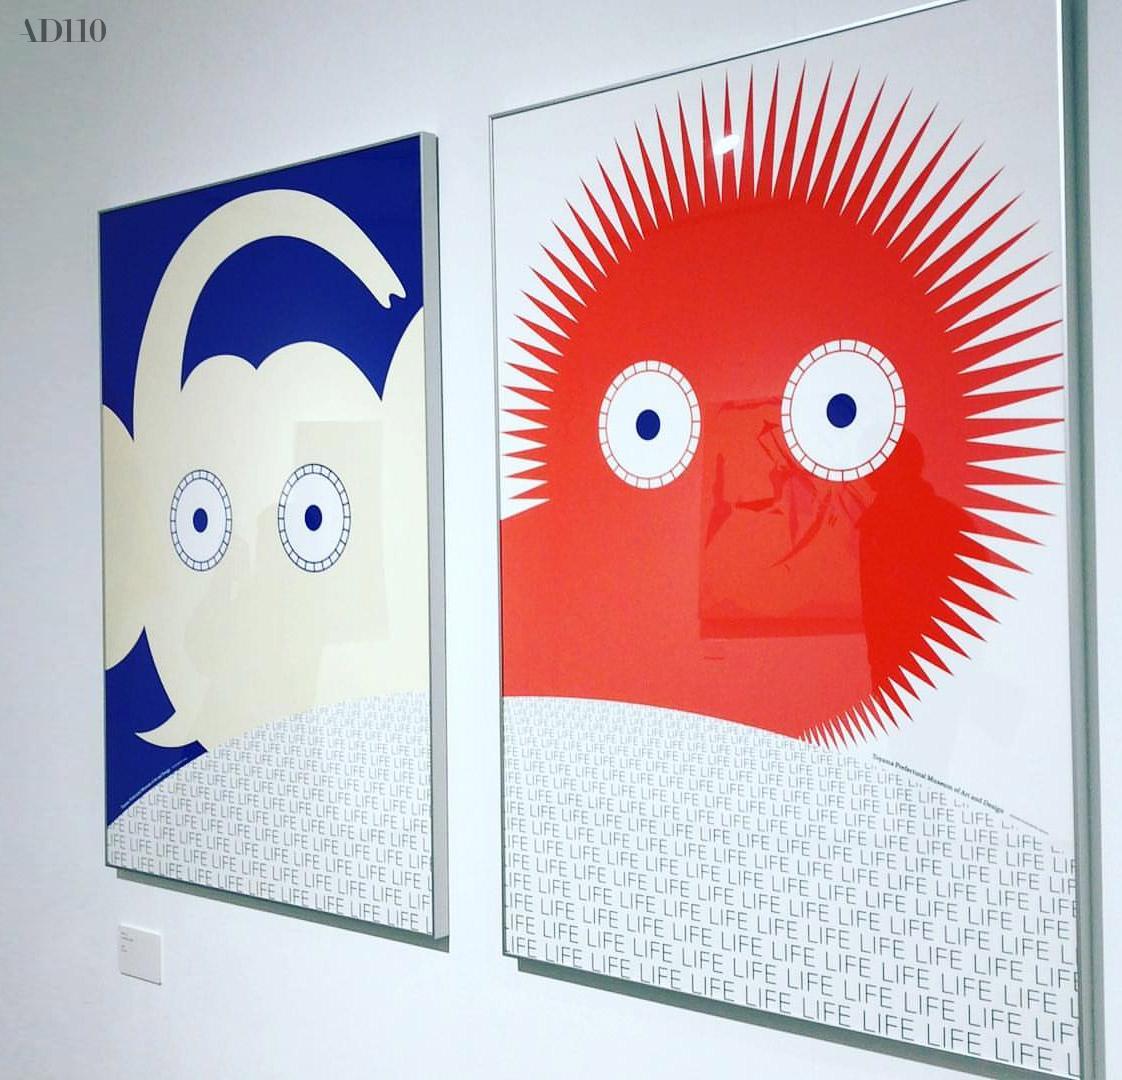 著名招贴设计作品_AD110·出色 永井一正 Kazumasa Nagai — 快乐分享-----出色广告 品牌 ...